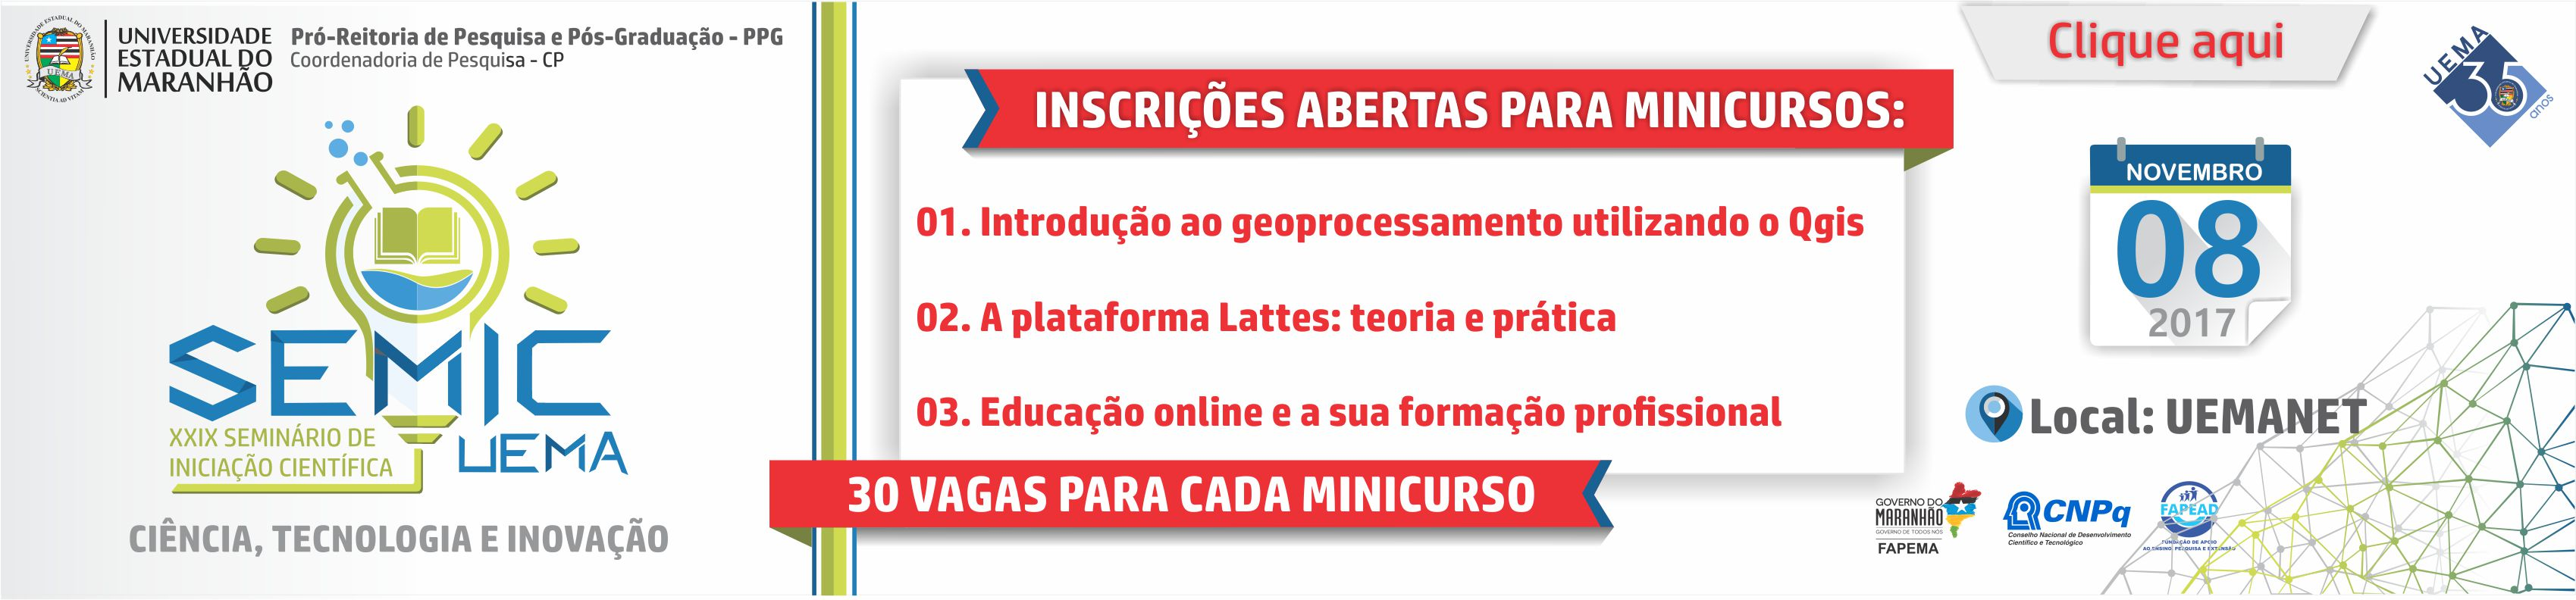 Banner_site_Semic_2017_Uema_minicursos_insc_abertas1